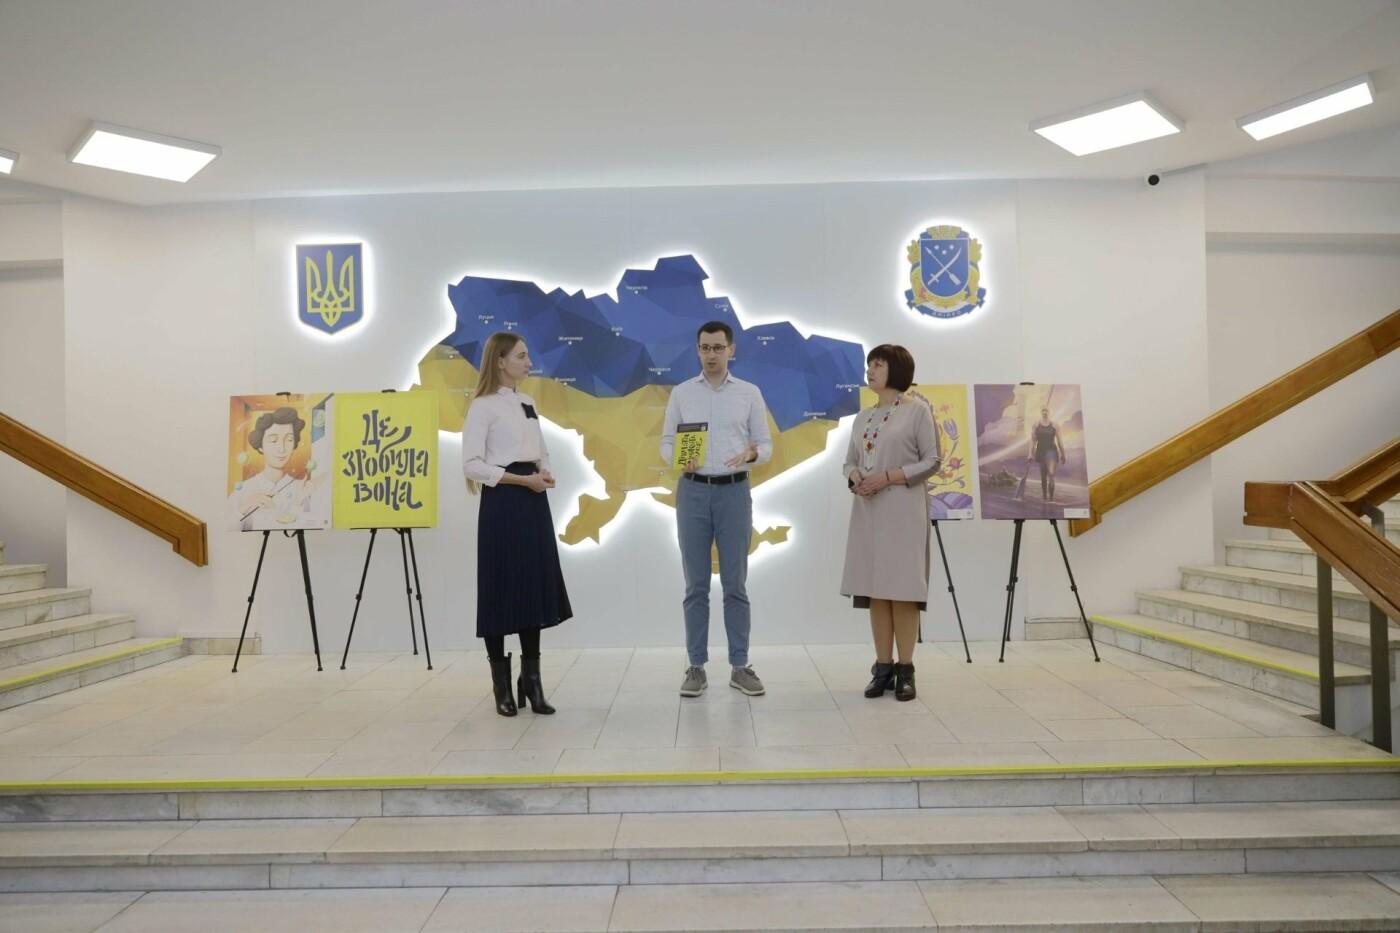 """""""Это сделала она"""": в горсовете Днепра проходит выставка, посвященная выдающимся женщинам Украины, - ФОТО, фото-4"""